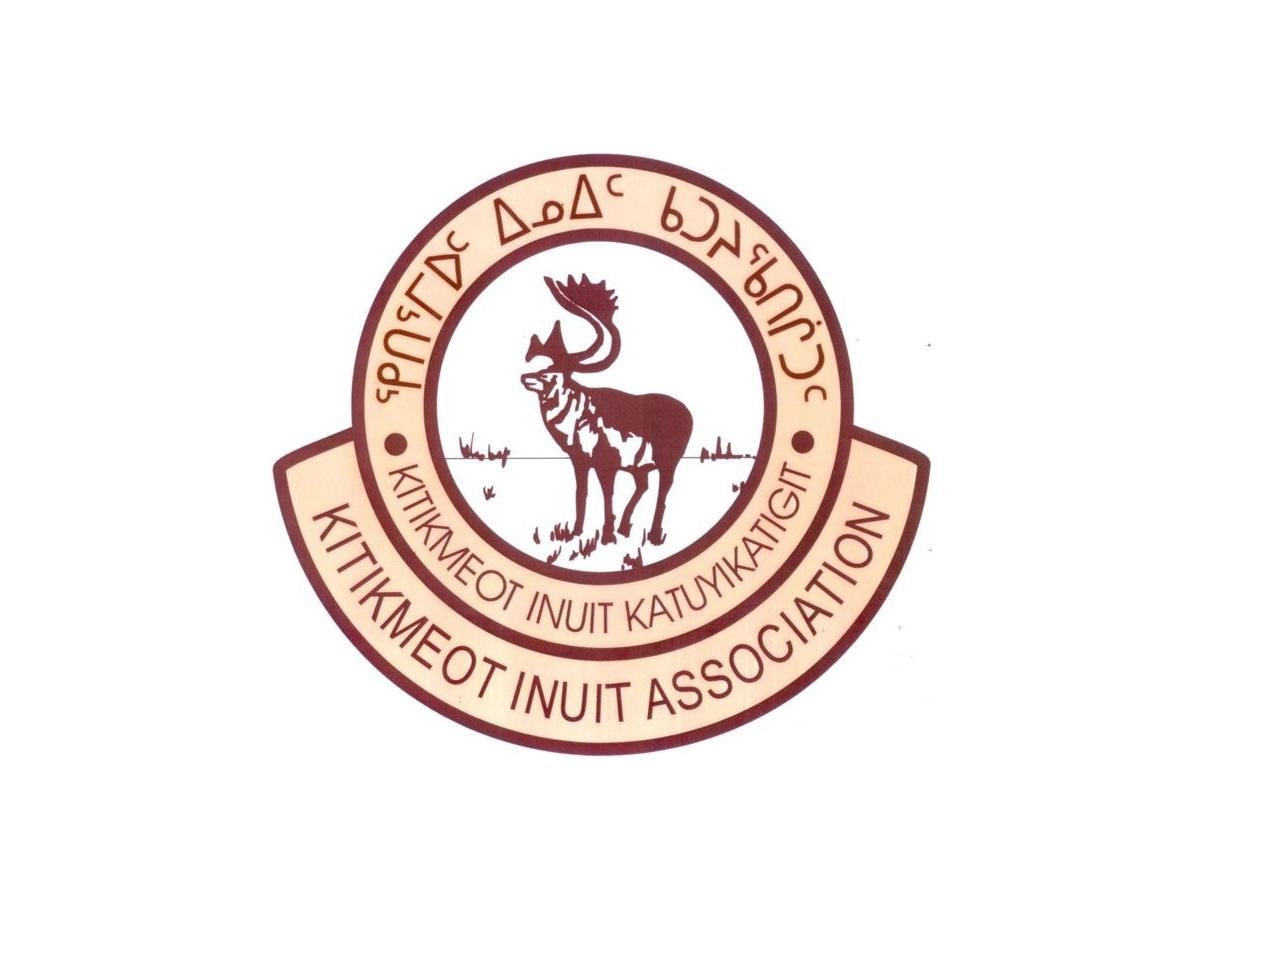 kitikmeot inuit association.jpg